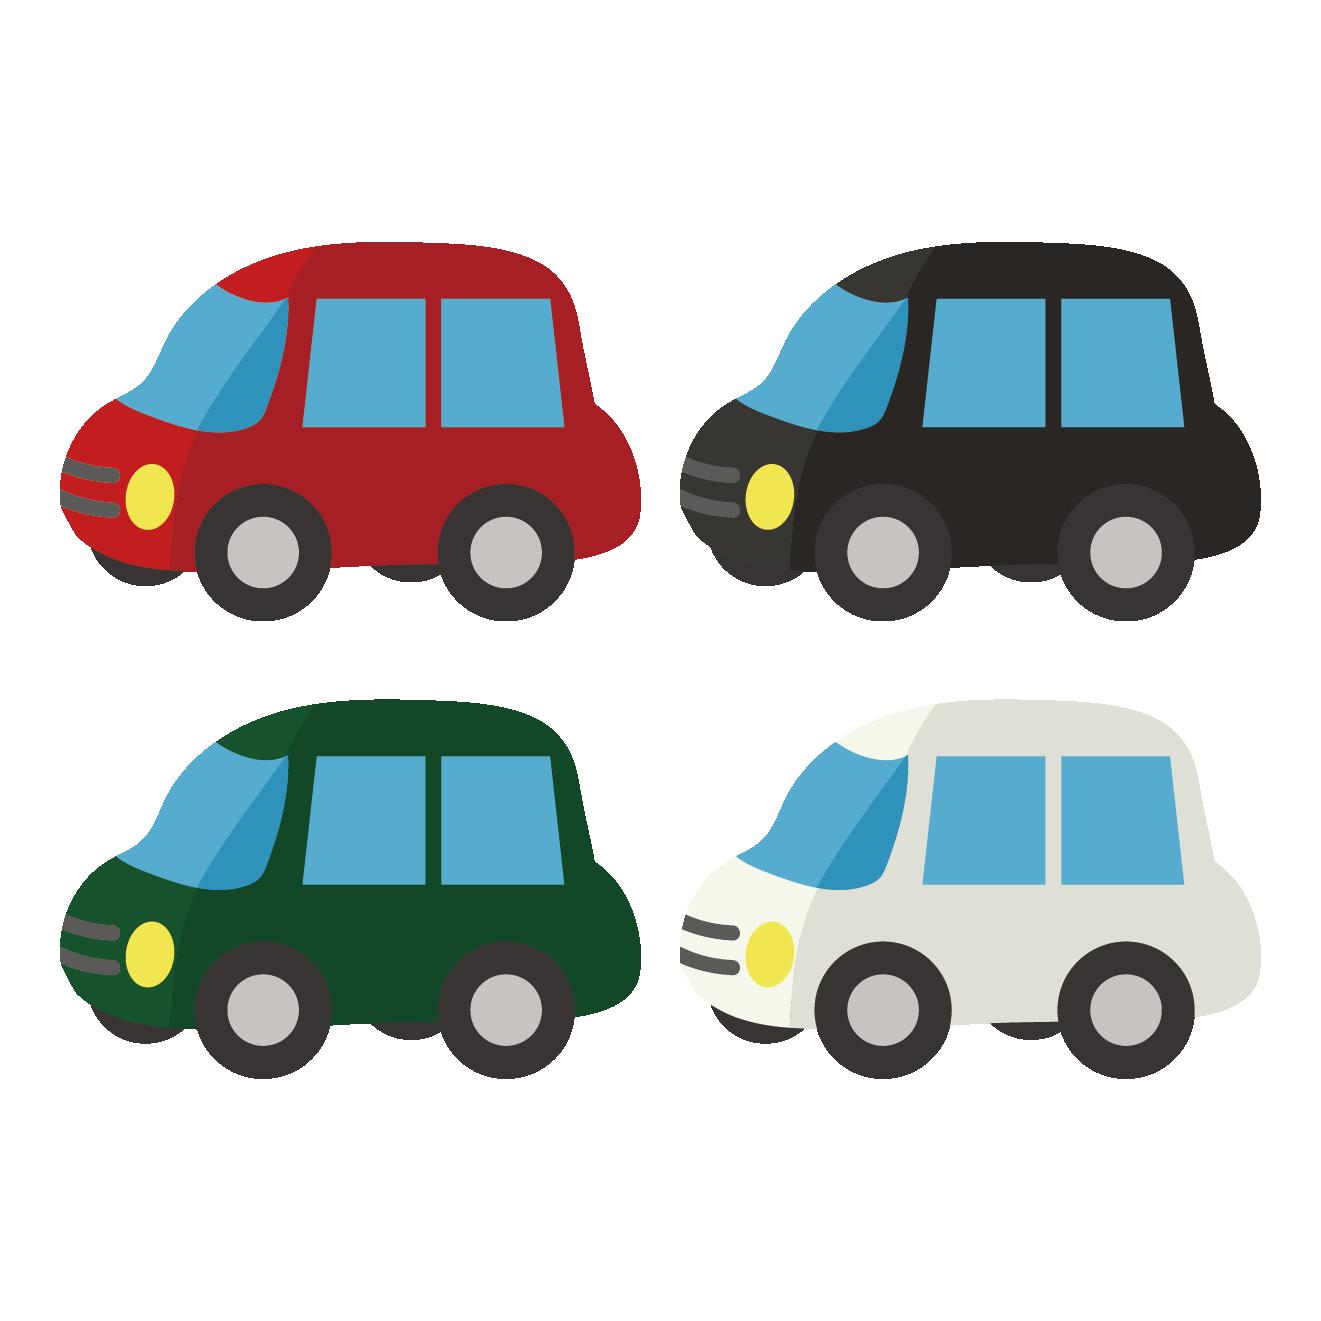 新車!?乗用車(車・自動車)のイラスト | 商用フリー(無料)のイラスト